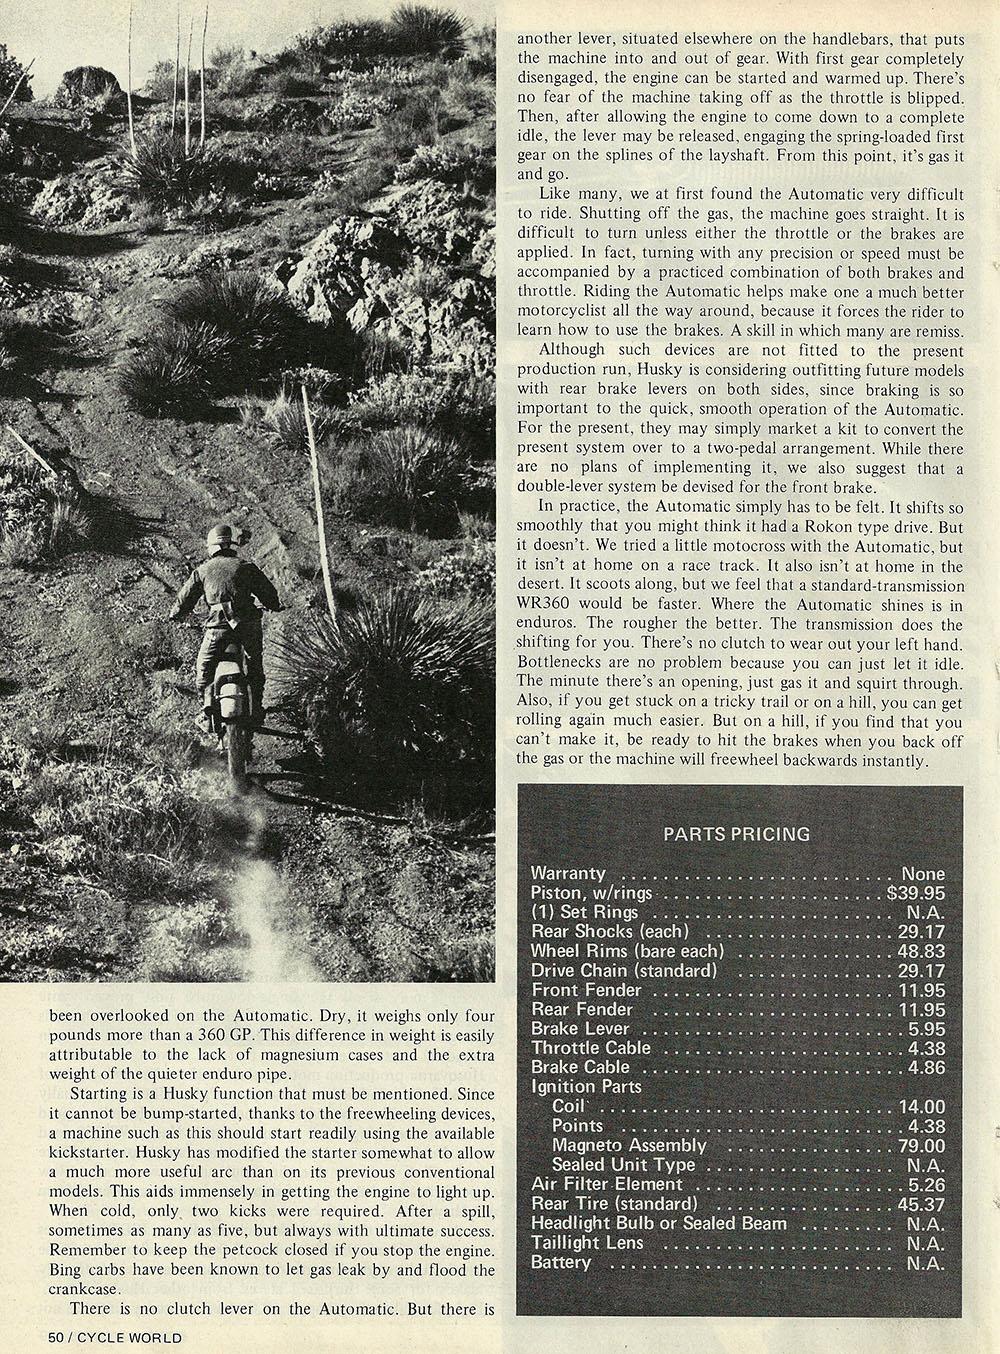 1976 Husqvarna 360 Auto road test 05.jpg